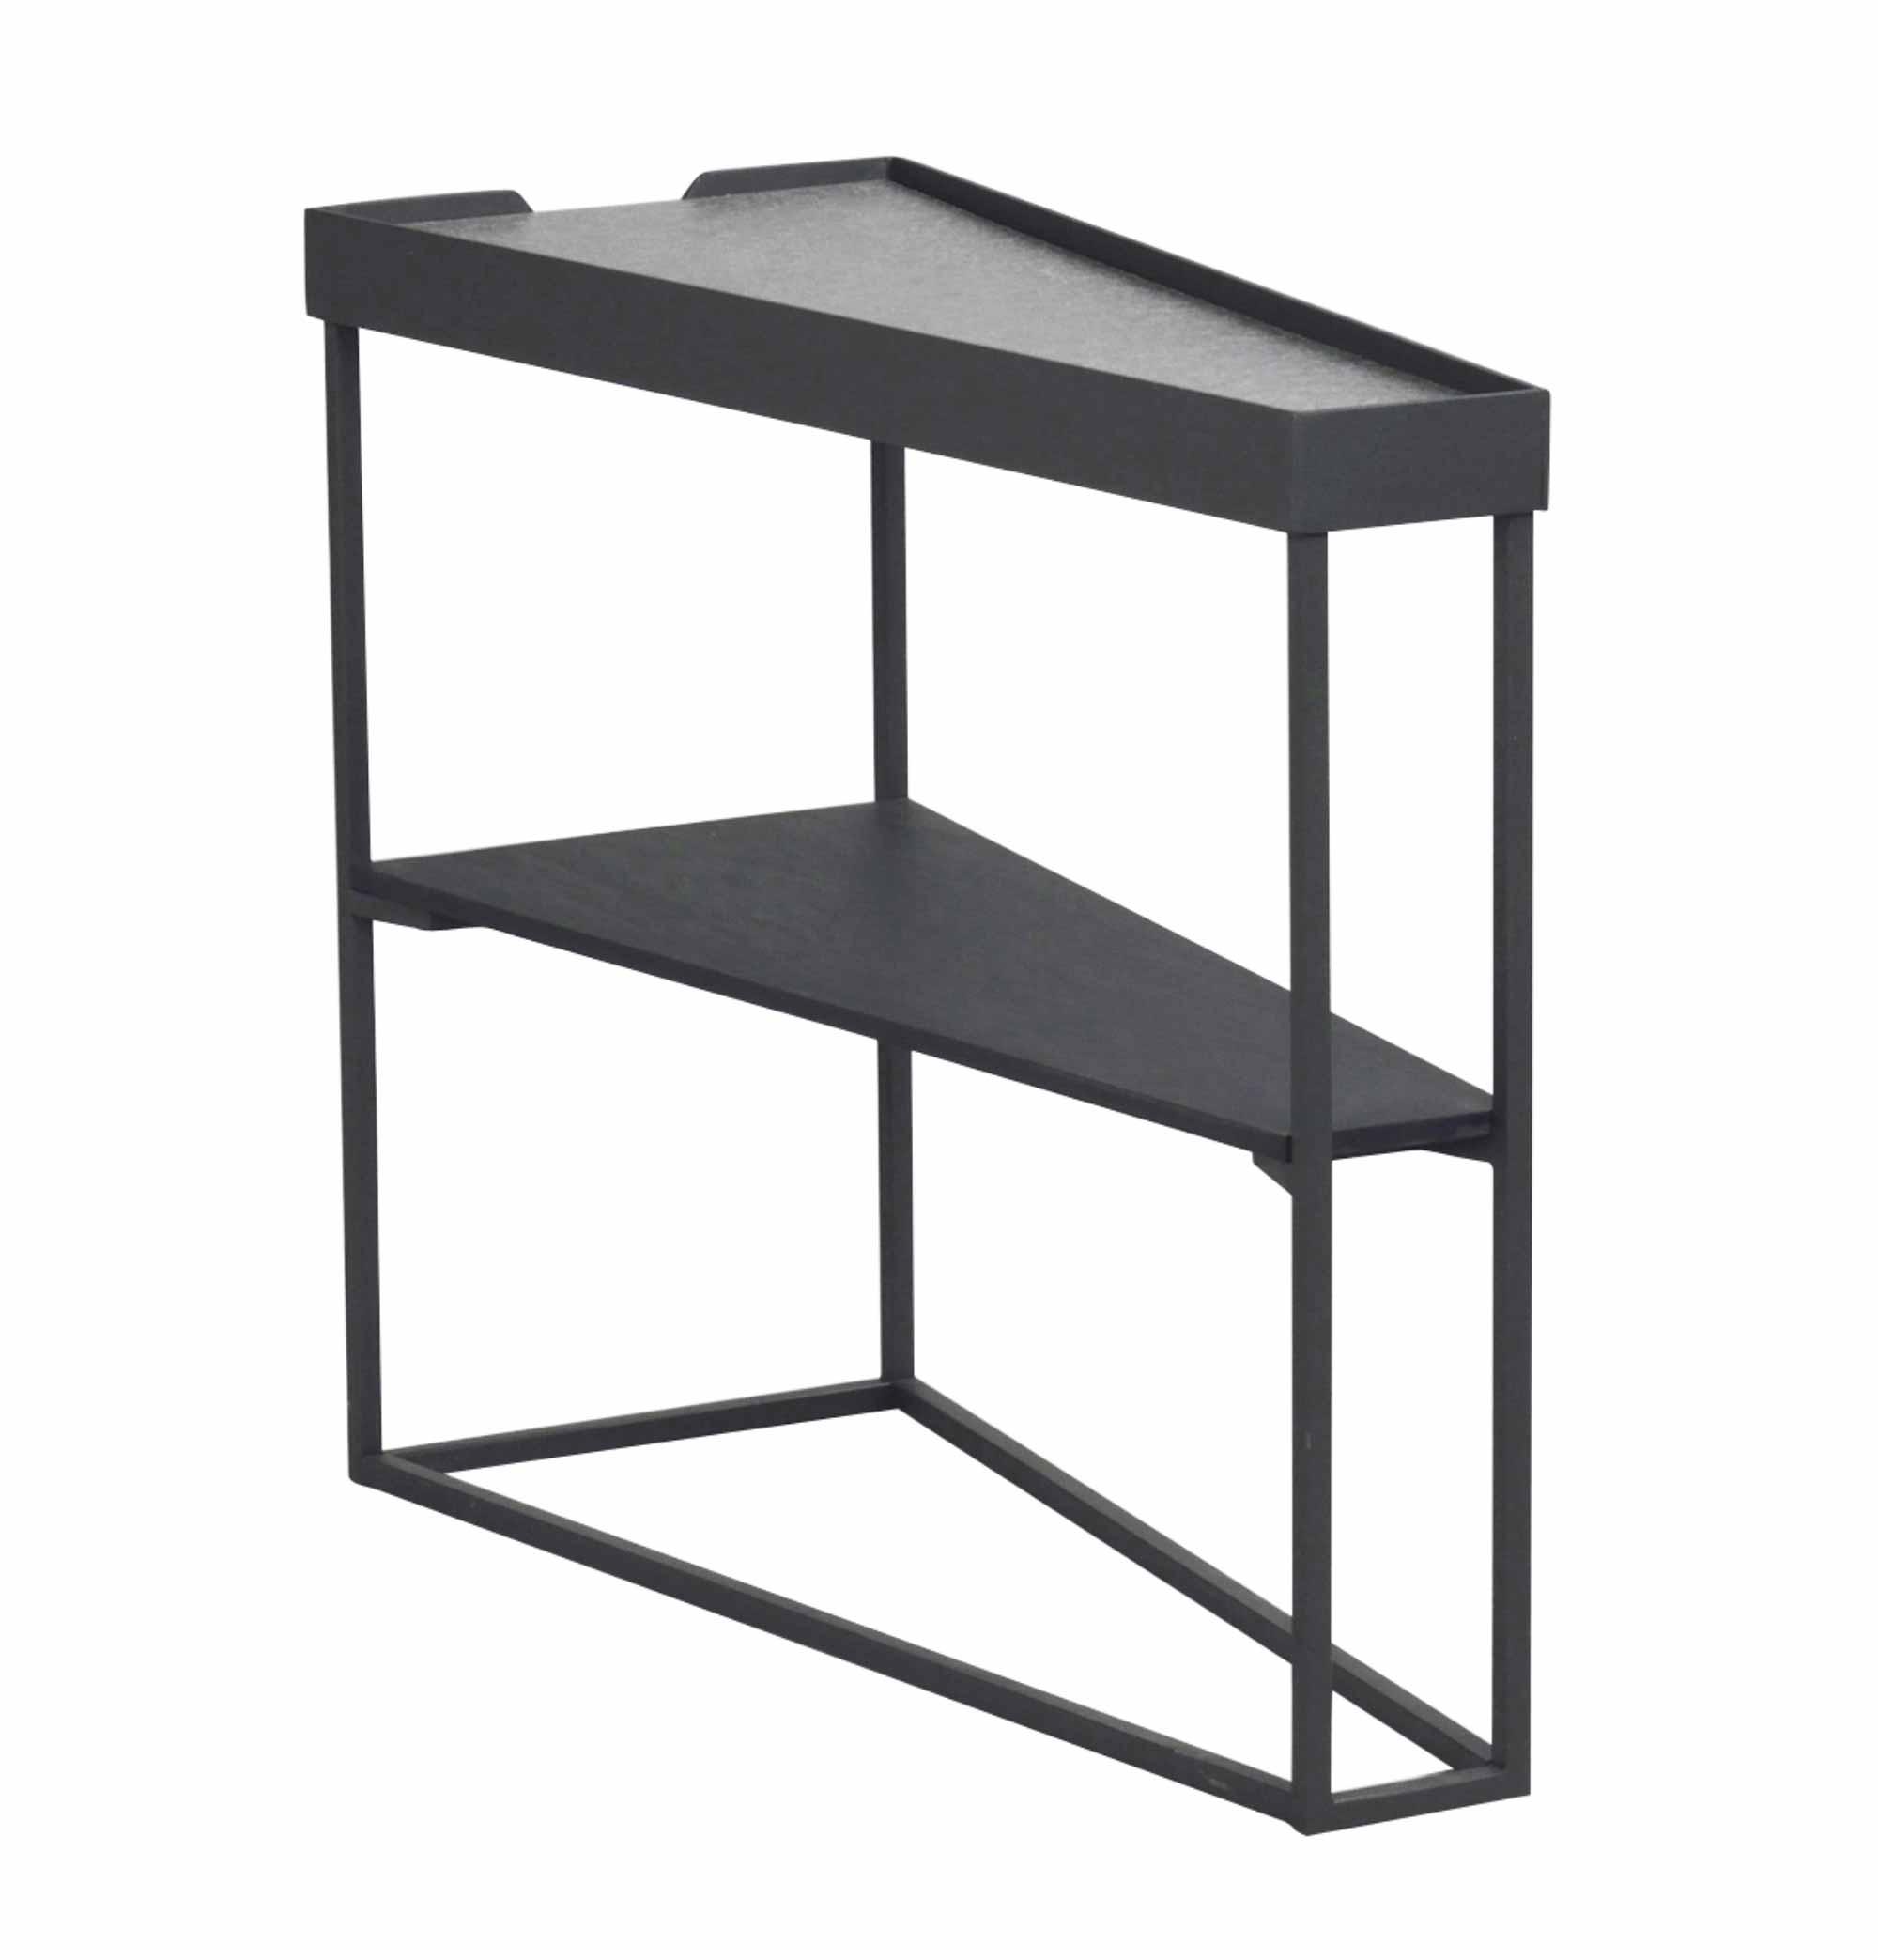 Image of   Pebble sidebord - grå cementfiberplade/sort metal og træ, 1 hylde